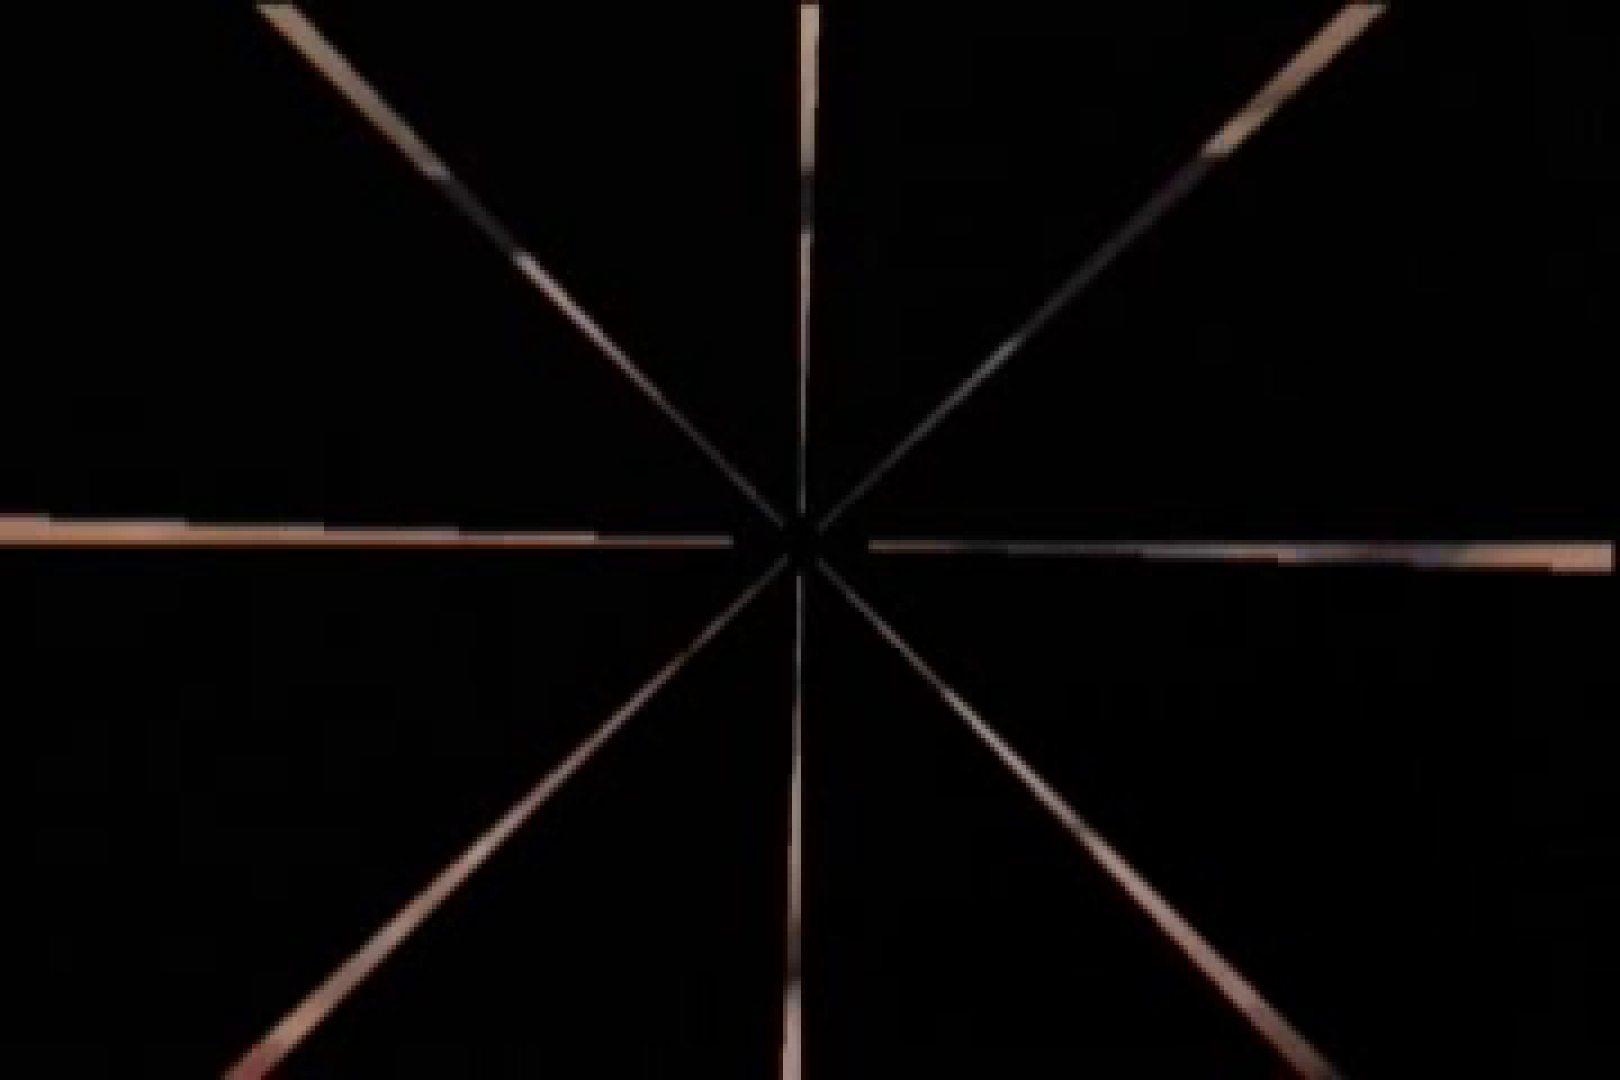 ヤリまくり!!包茎が何だって言うんだ!!vol.01 フェラ ゲイ素人エロ画像 91枚 1